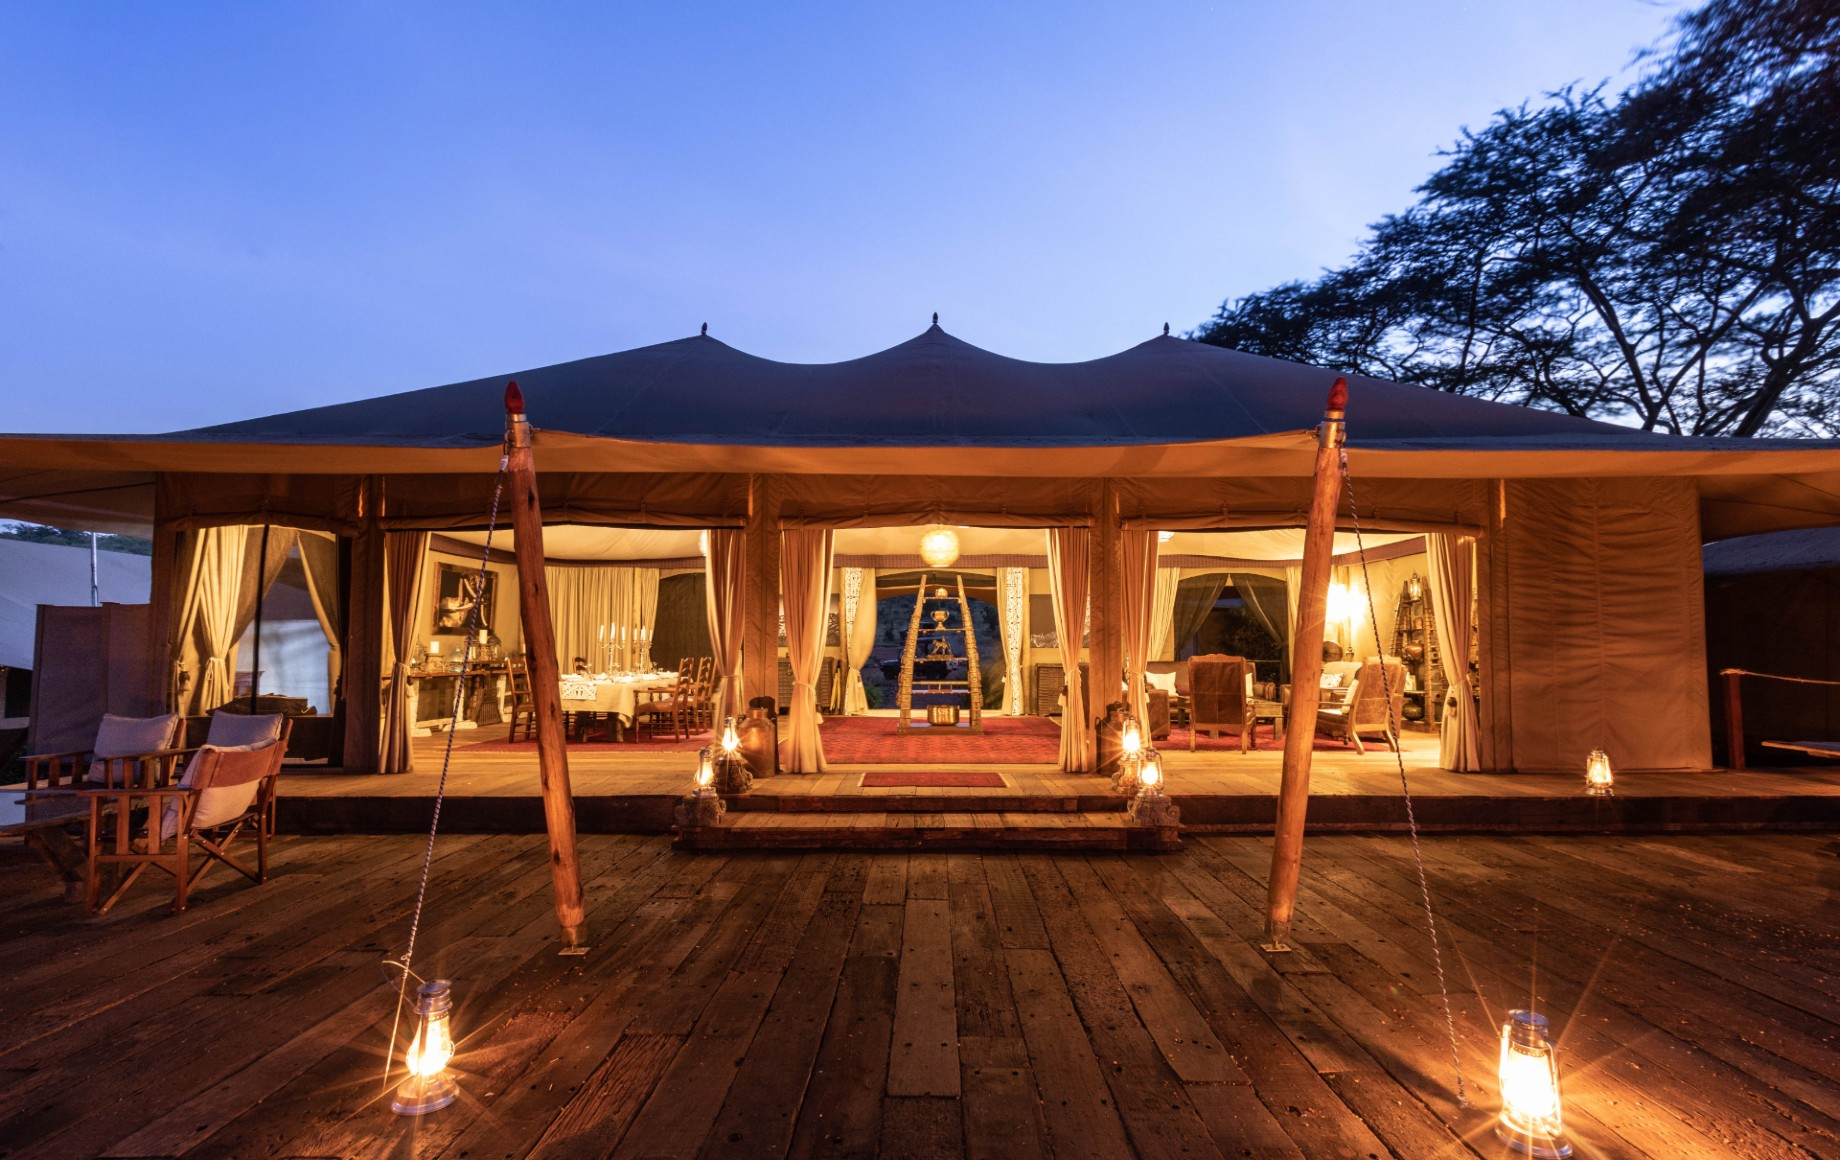 a tent at night at Mara Nyika